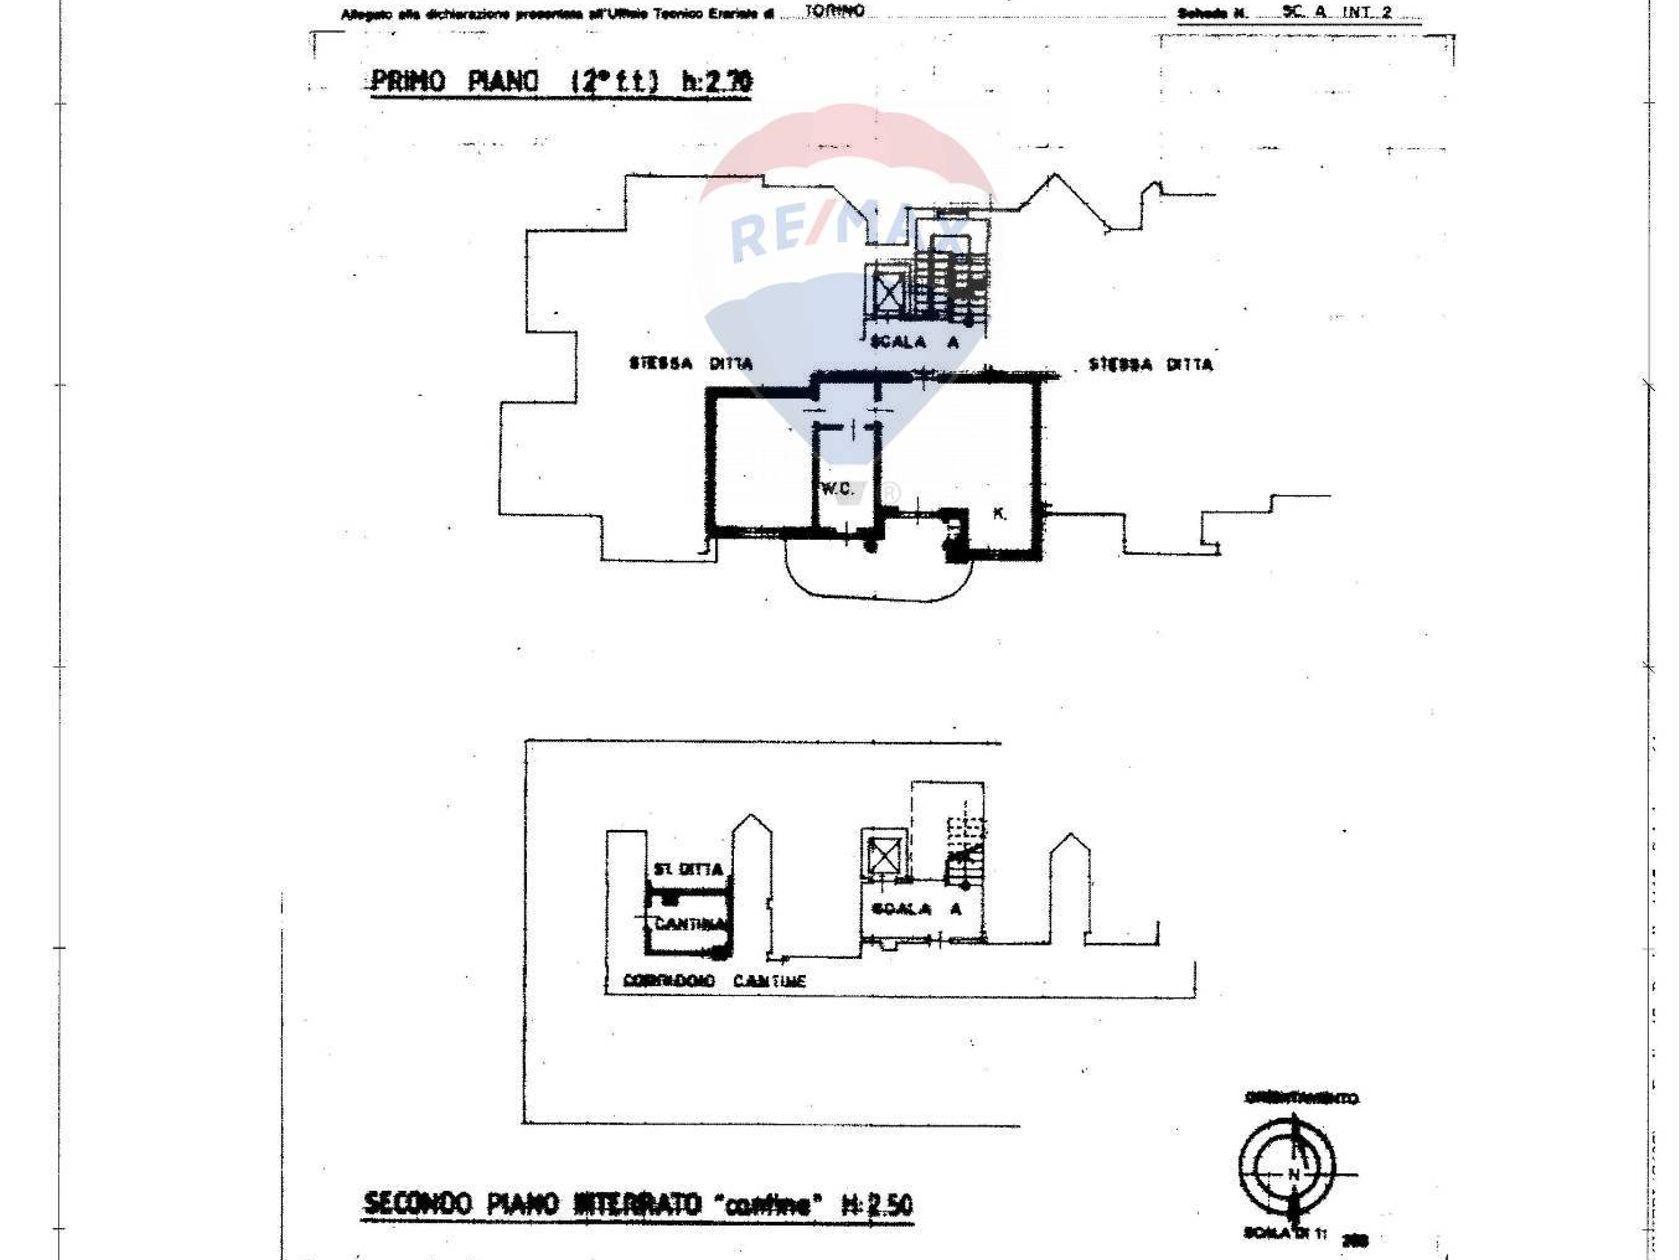 Appartamento Chieri, TO Vendita - Planimetria 1